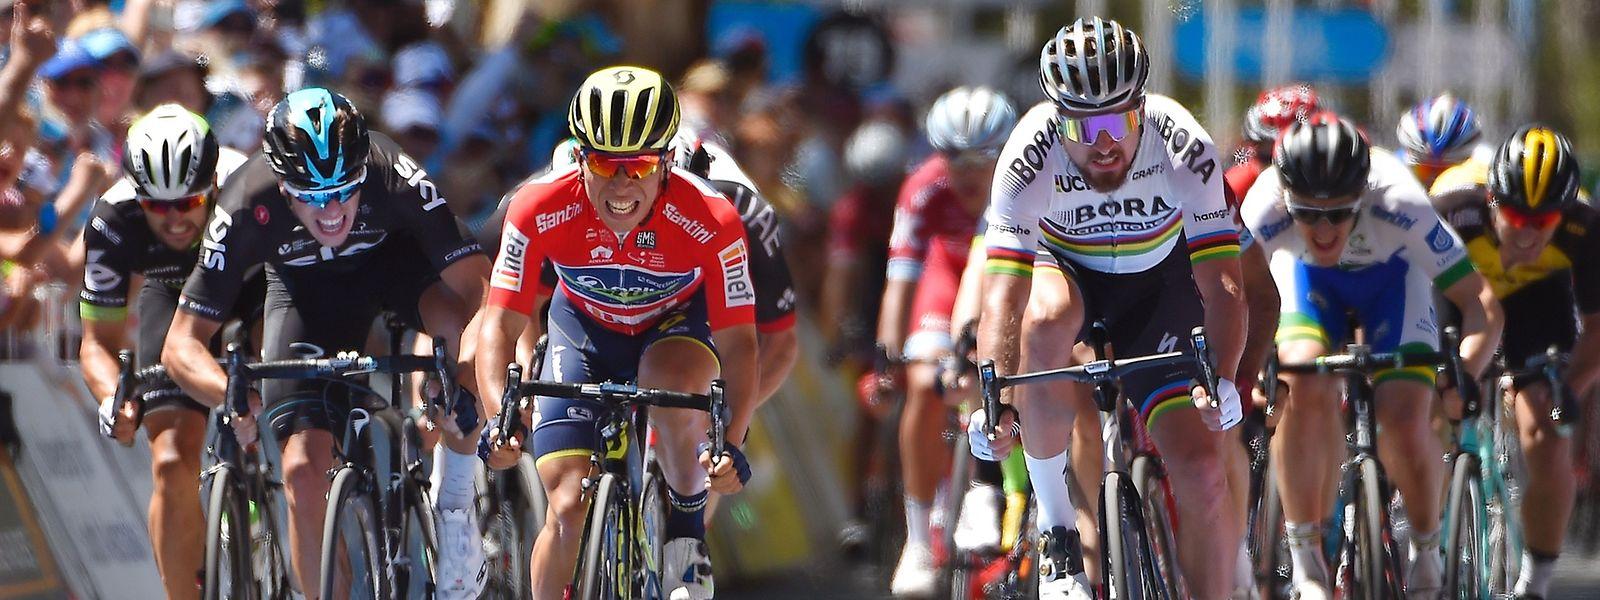 Orica-Fahrer Caleb Ewan (rot) hatte am Ende erneut die schnellsten Beine. Weltmeister Peter Sagan (rechts) hatte das Nachsehen.